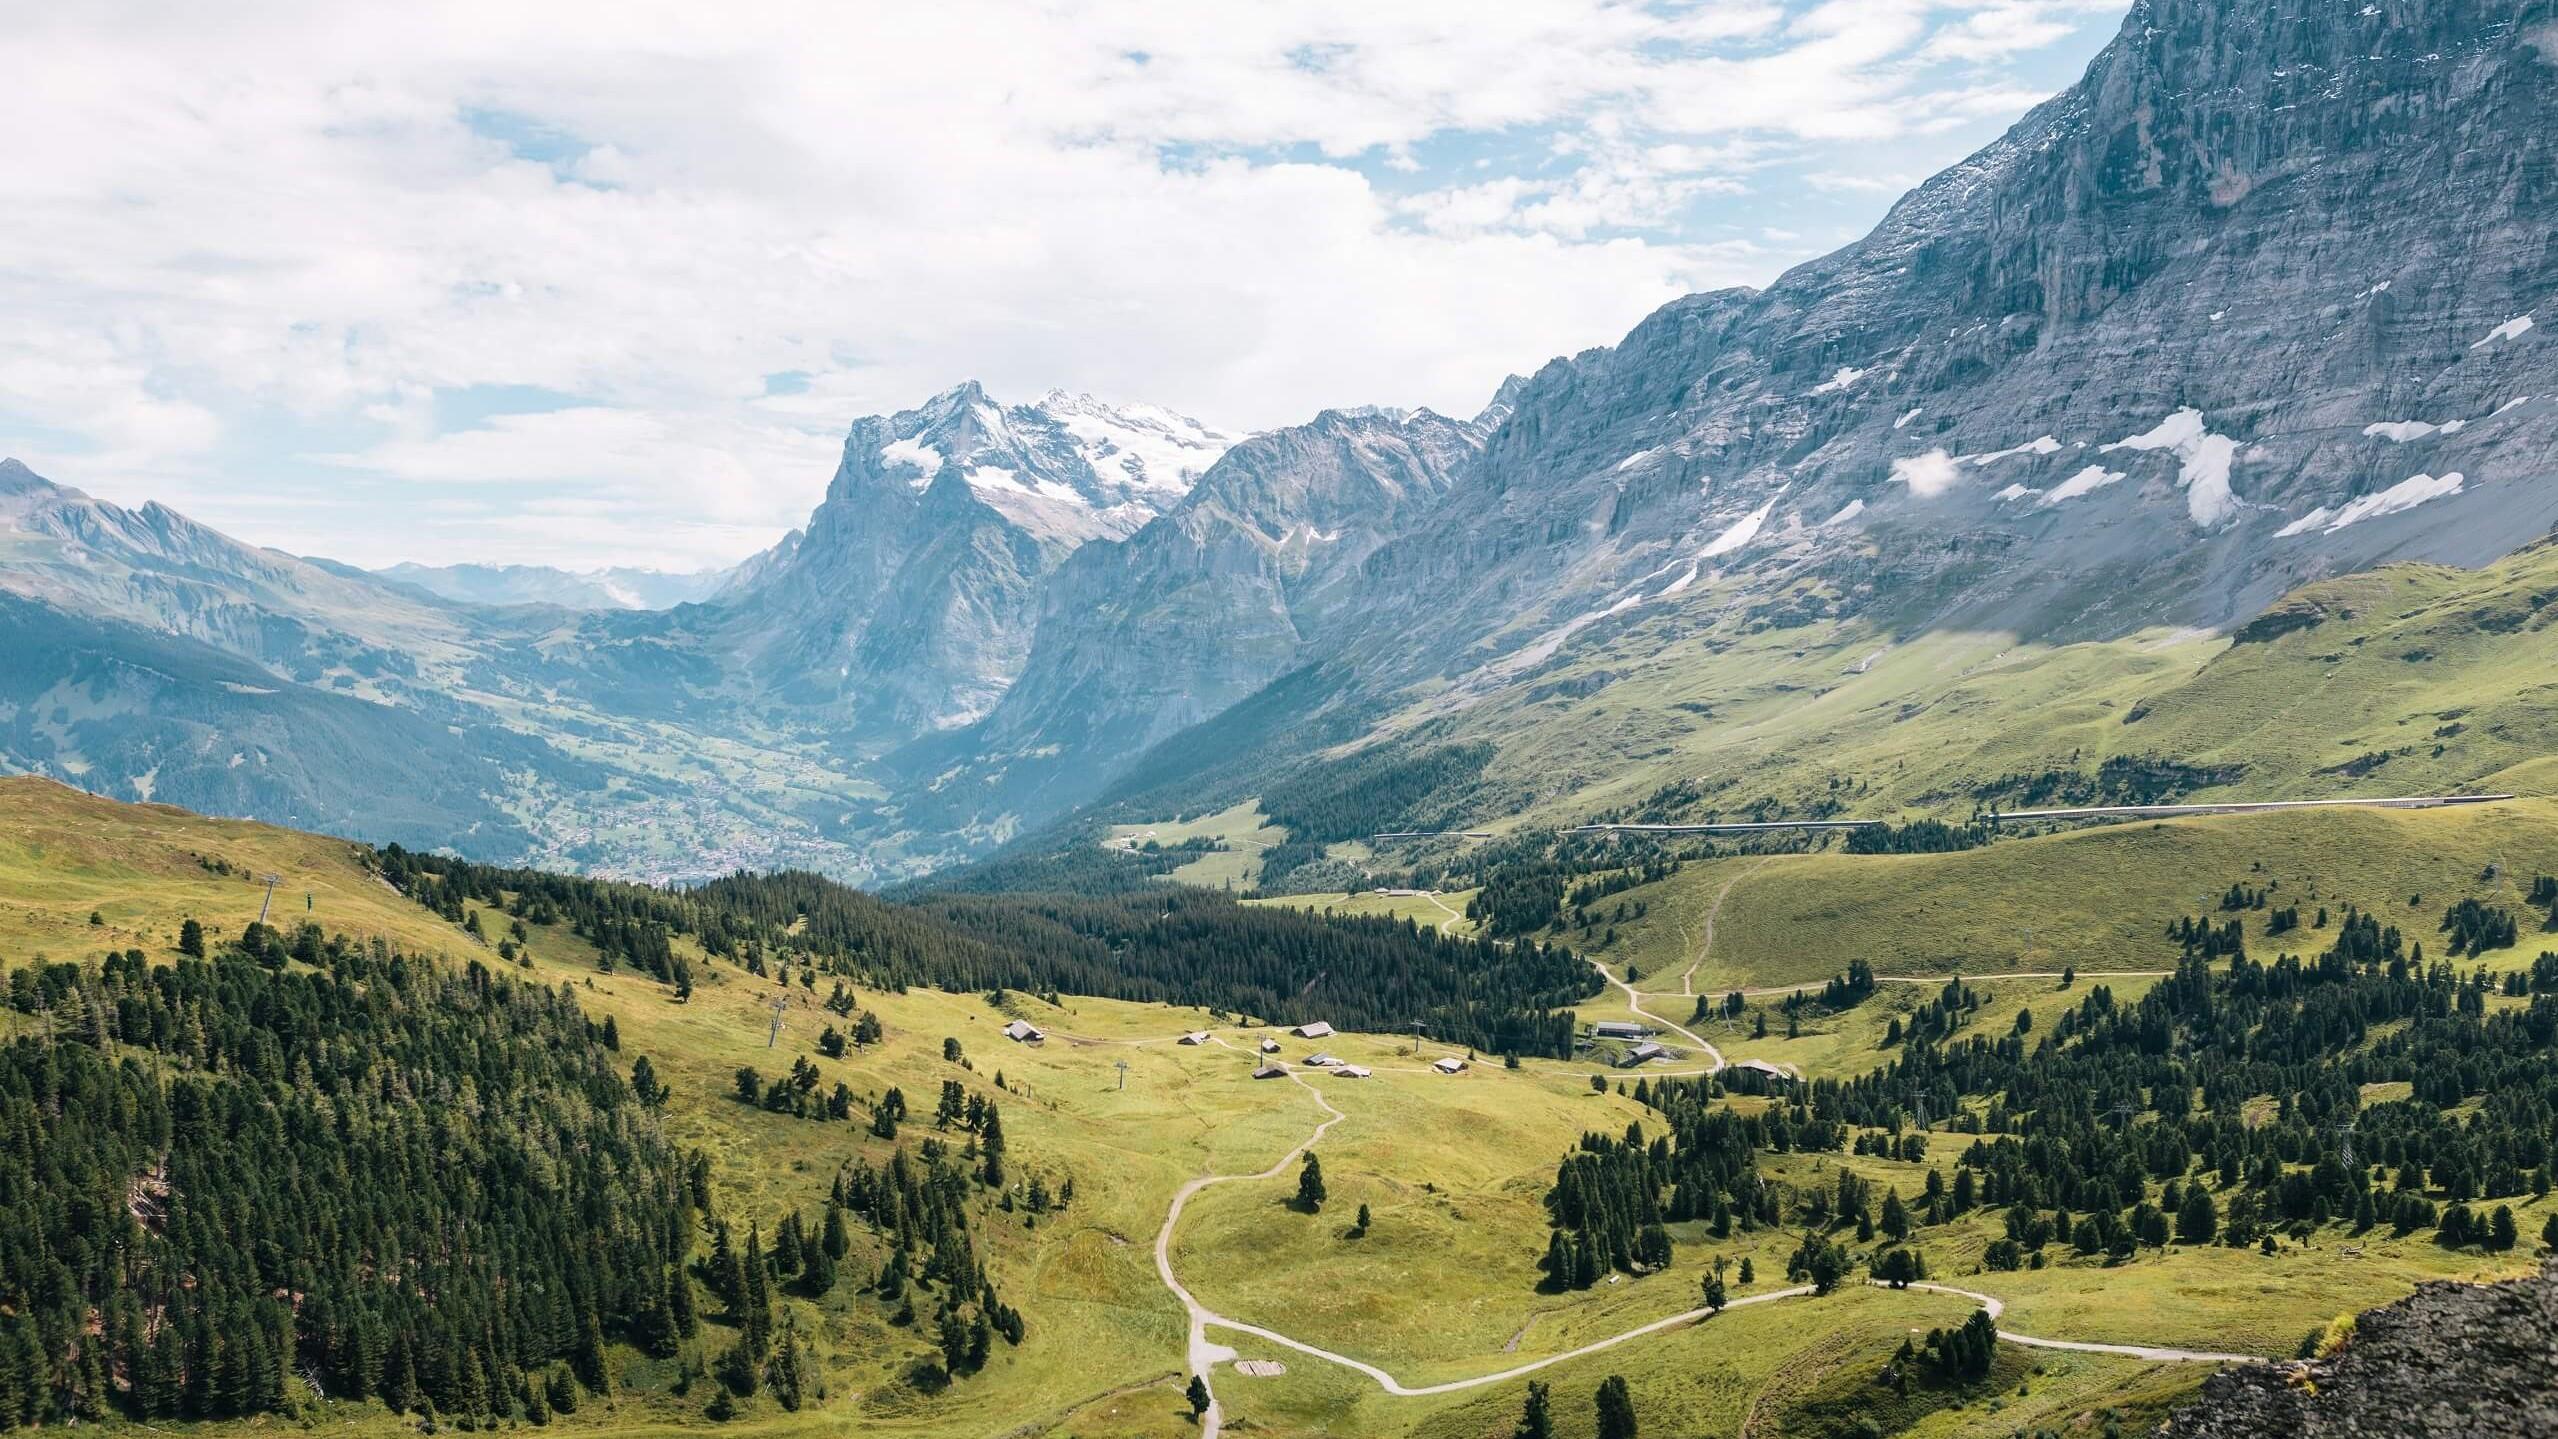 Traumhaft schöne Hüttenwanderungen in den Alpen